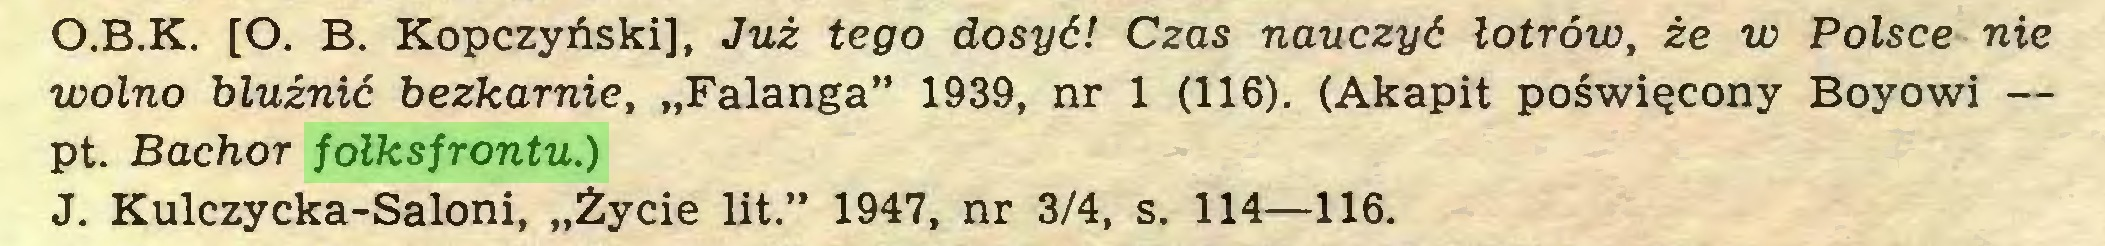 """(...) O.B.K. [O. B. Kopczyński], Już tego dosyć! Czas nauczyć łotrów, że w Polsce nie wolno bluźnić bezkarnie, """"Falanga"""" 1939, nr 1 (116). (Akapit poświęcony Boyowi — pt. Bachor fołksfrontu.) J. Kulczycka-Saloni, """"Życie lit."""" 1947, nr 3/4, s. 114—116..."""